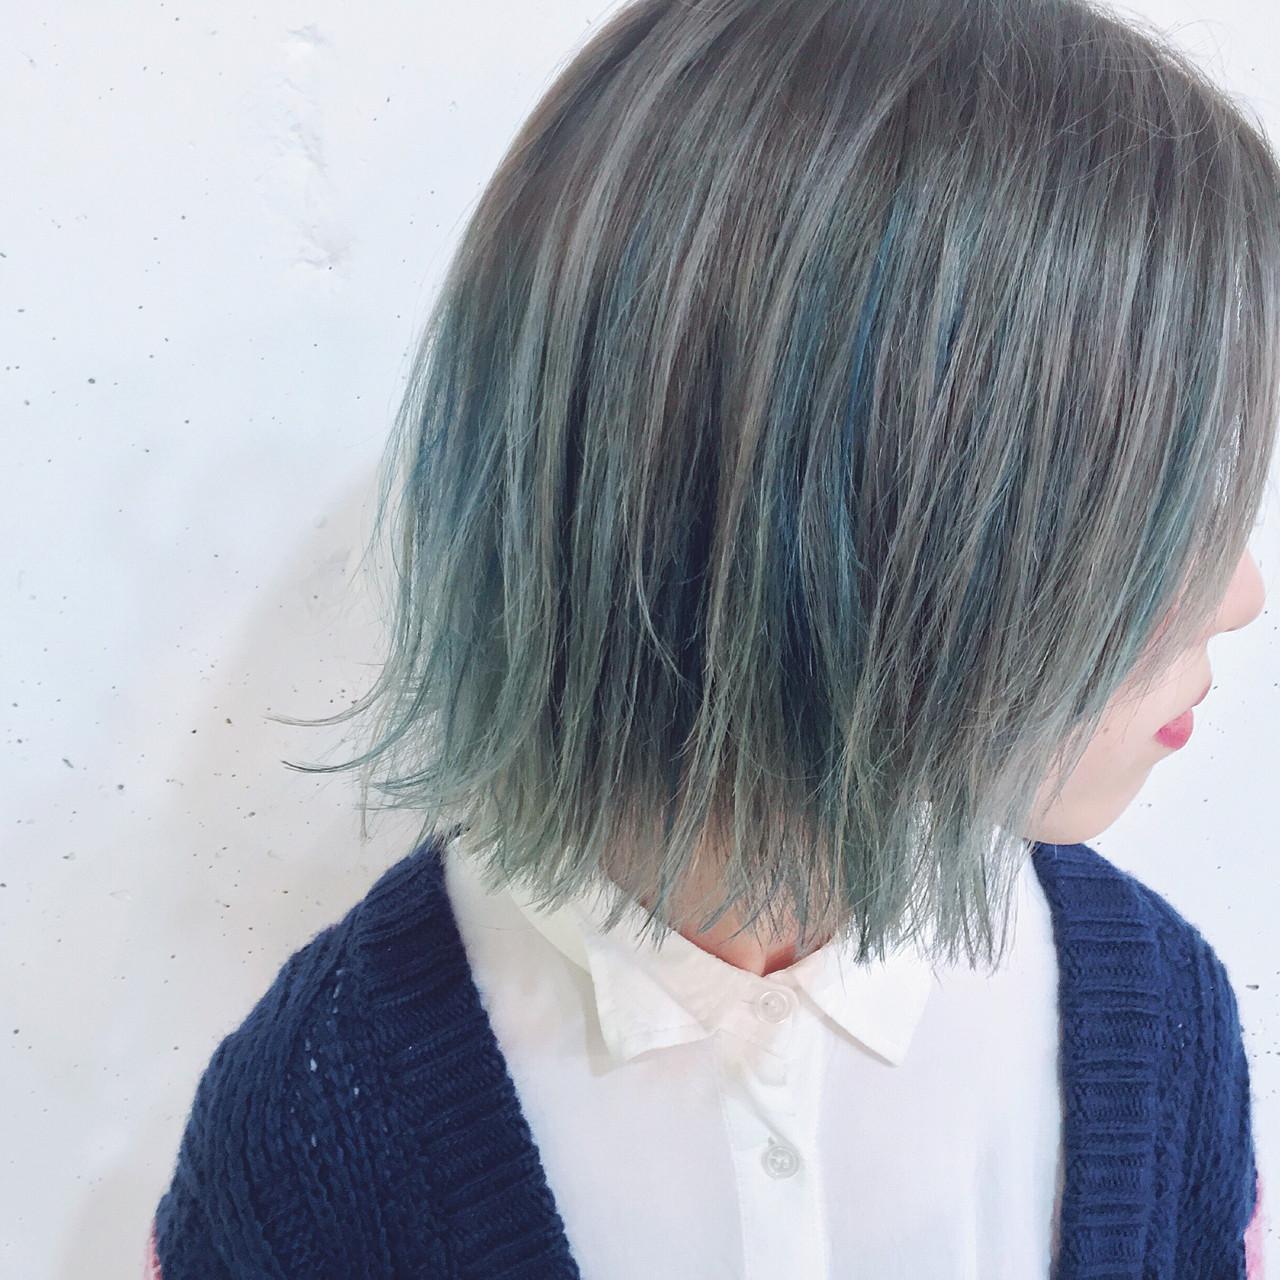 ぶれないオシャレを楽しみたい!ハイセンスな派手髪カタログ。 原木翔太 / sowi hair design